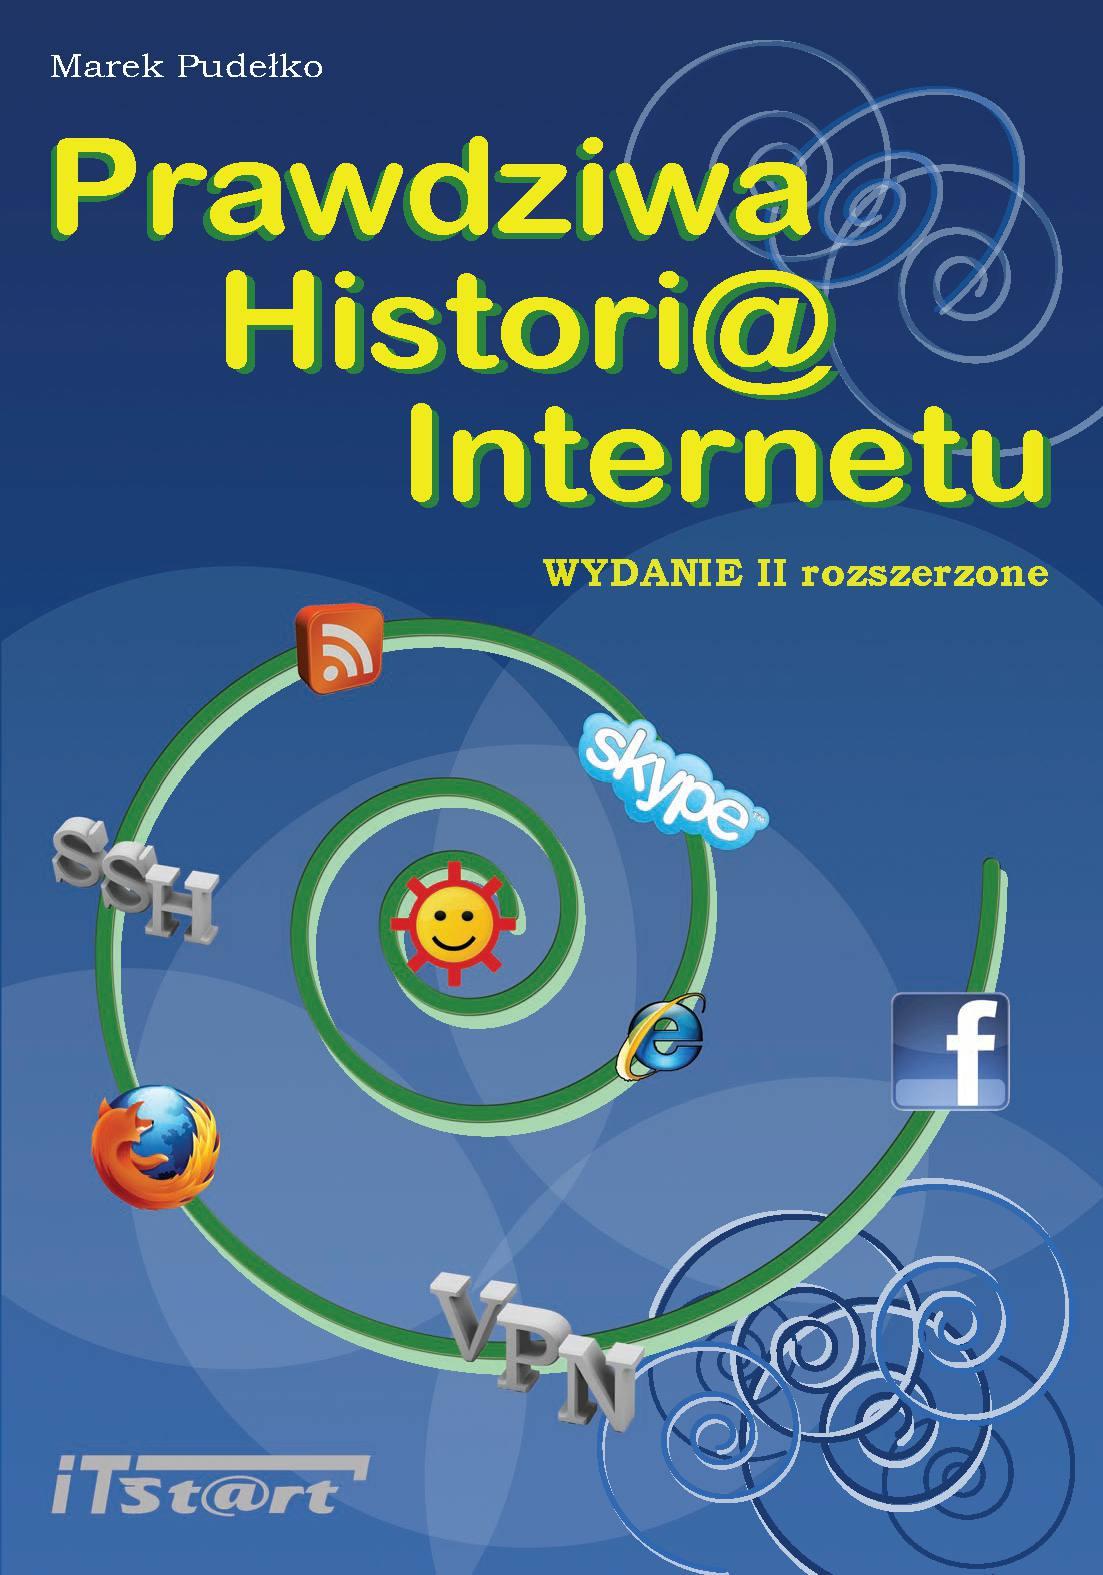 Prawdziwa Historia Internetu  - wydanie II rozszerzone - Ebook (Książka PDF) do pobrania w formacie PDF